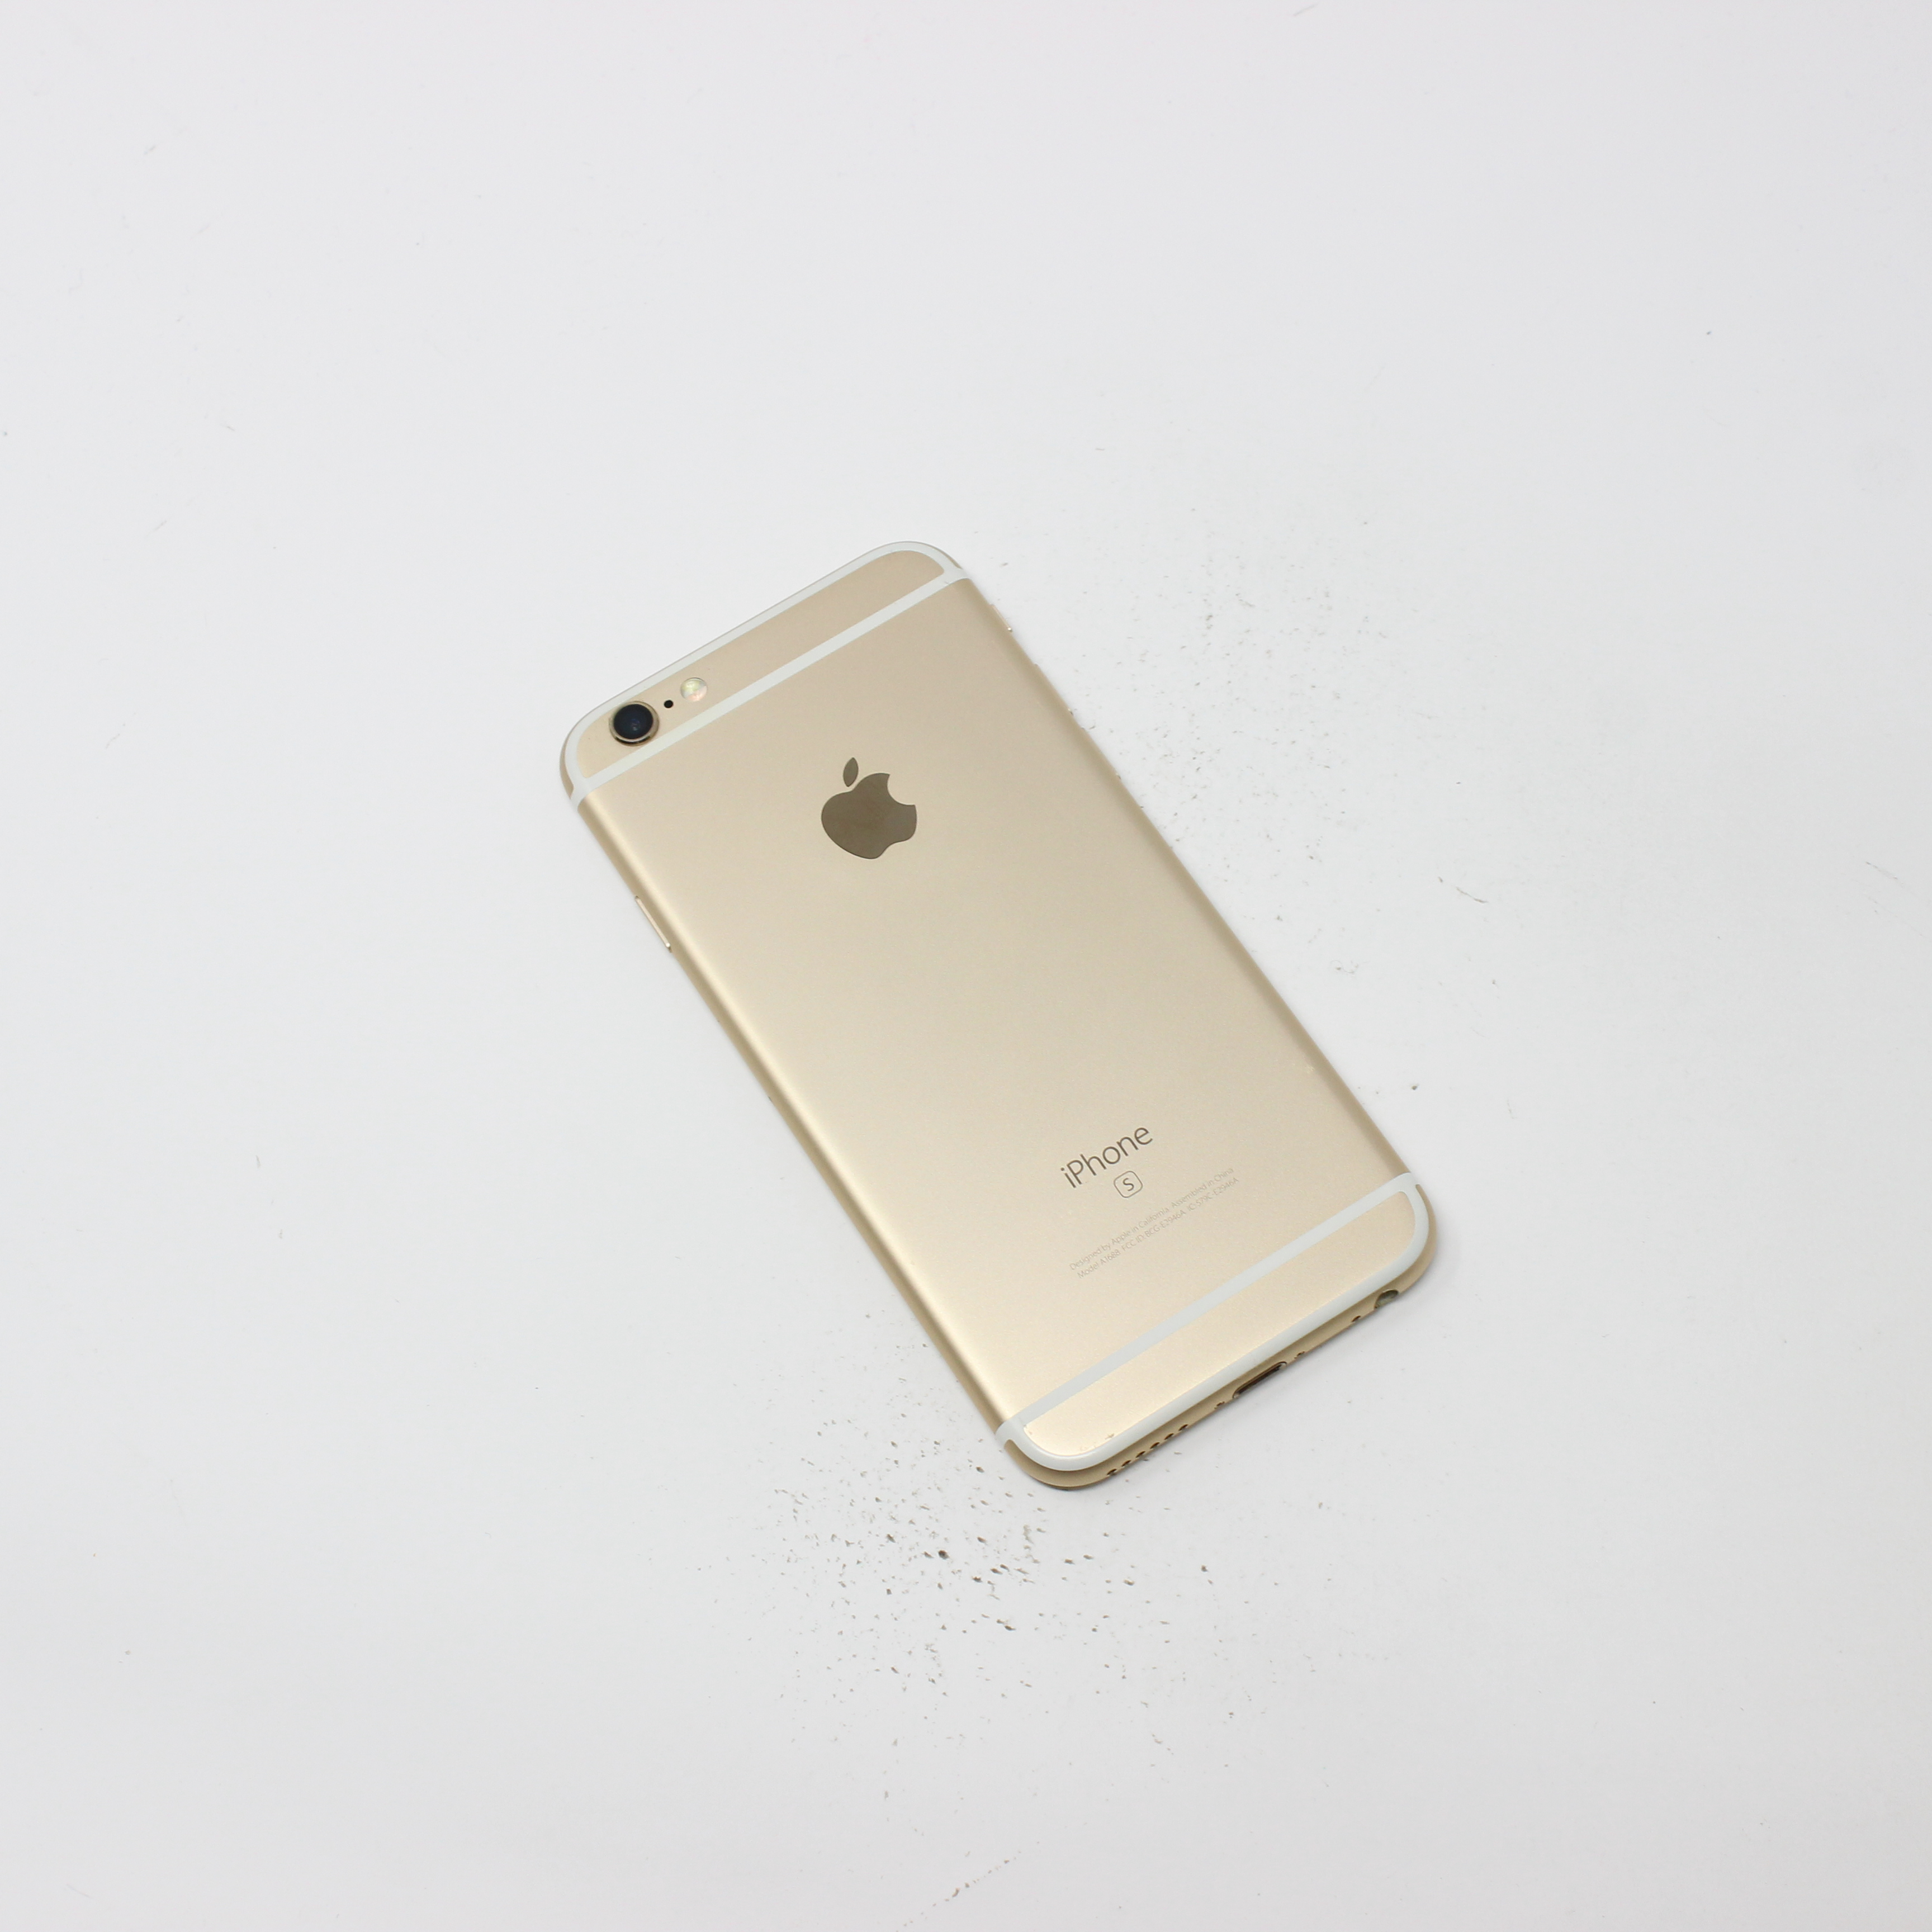 iPhone 6S 16GB Gold - T-Mobile photo 3   UpTradeit.com